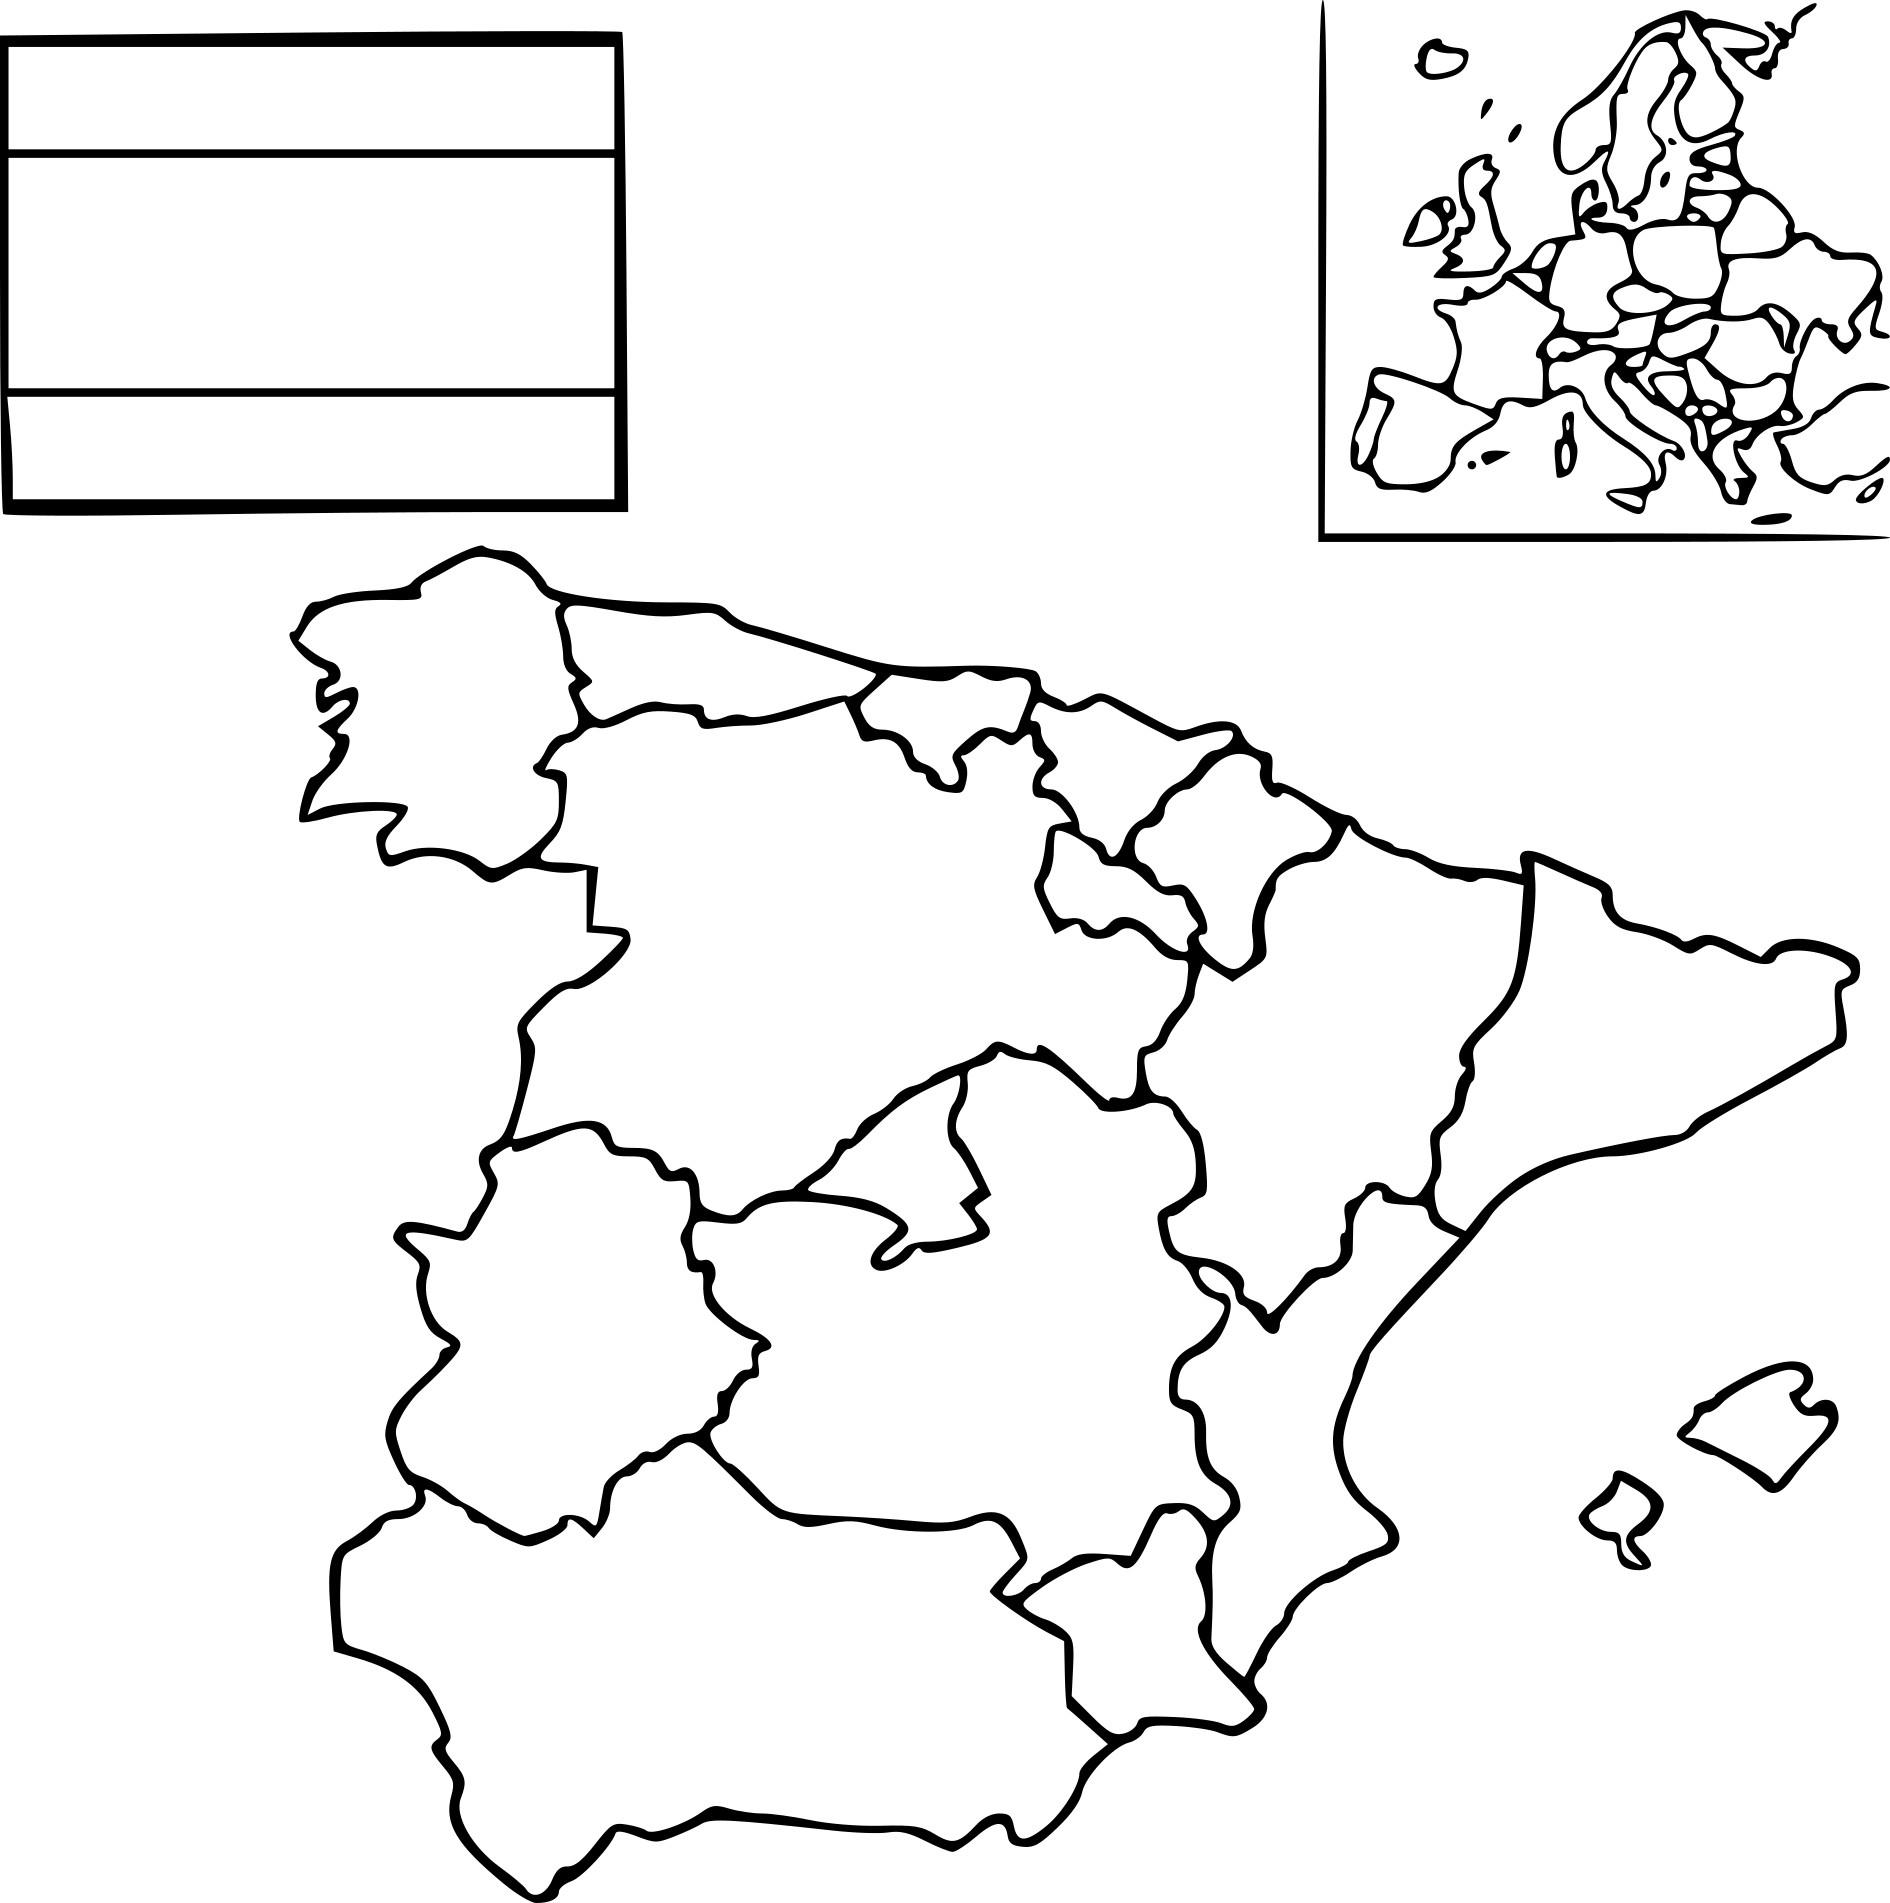 Coloriage Carte Espagne À Imprimer destiné Coloriage Carte De France